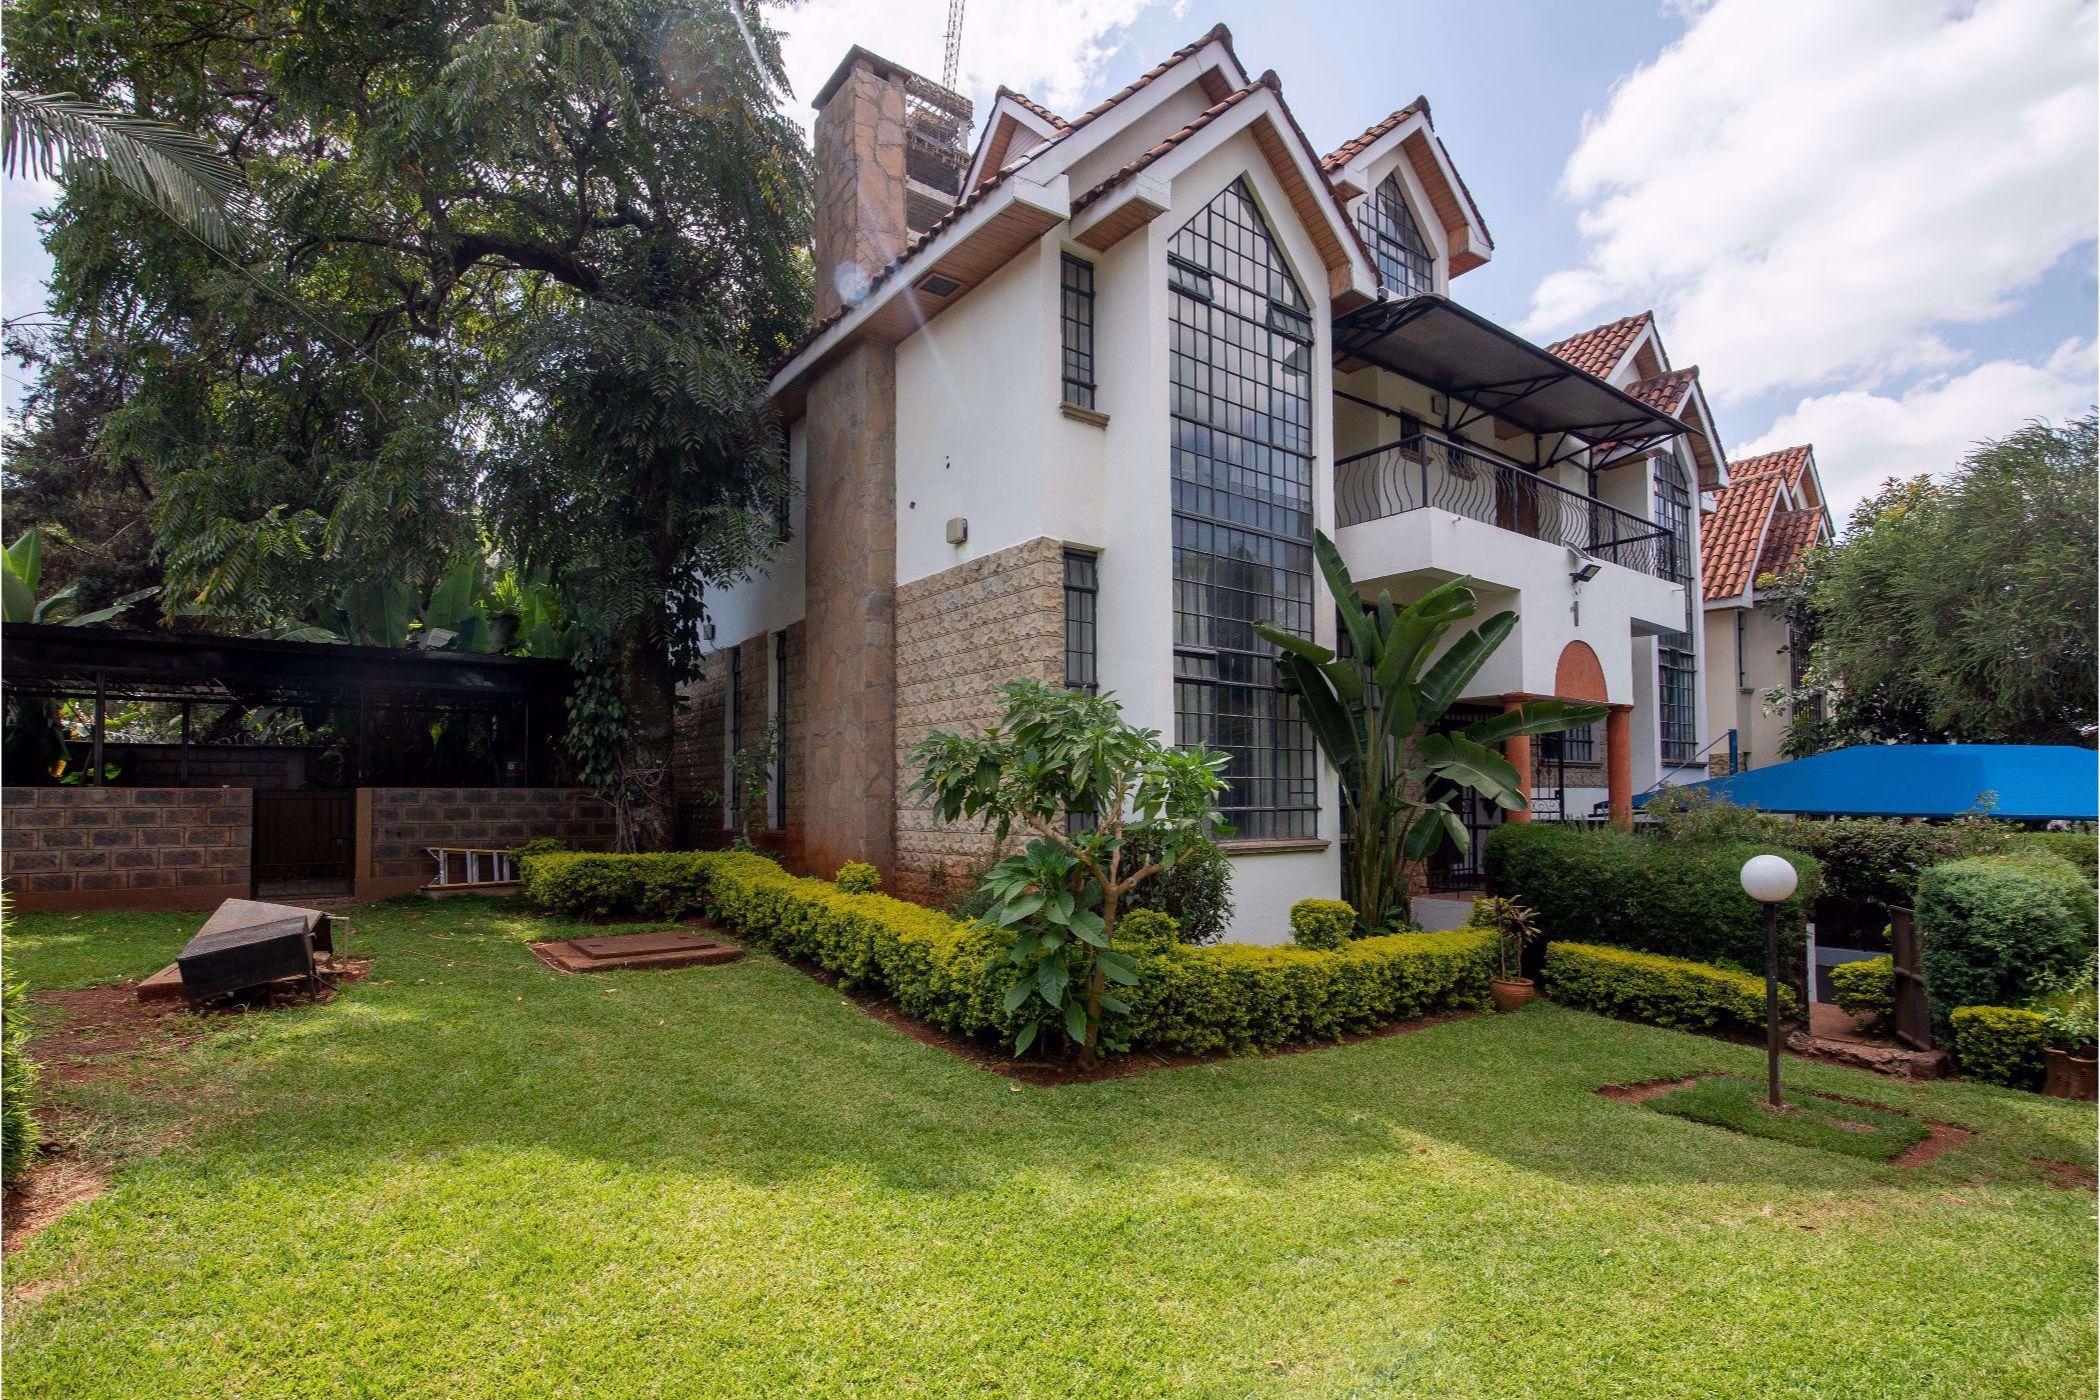 5 bedroom house to rent in Riverside (Kenya)